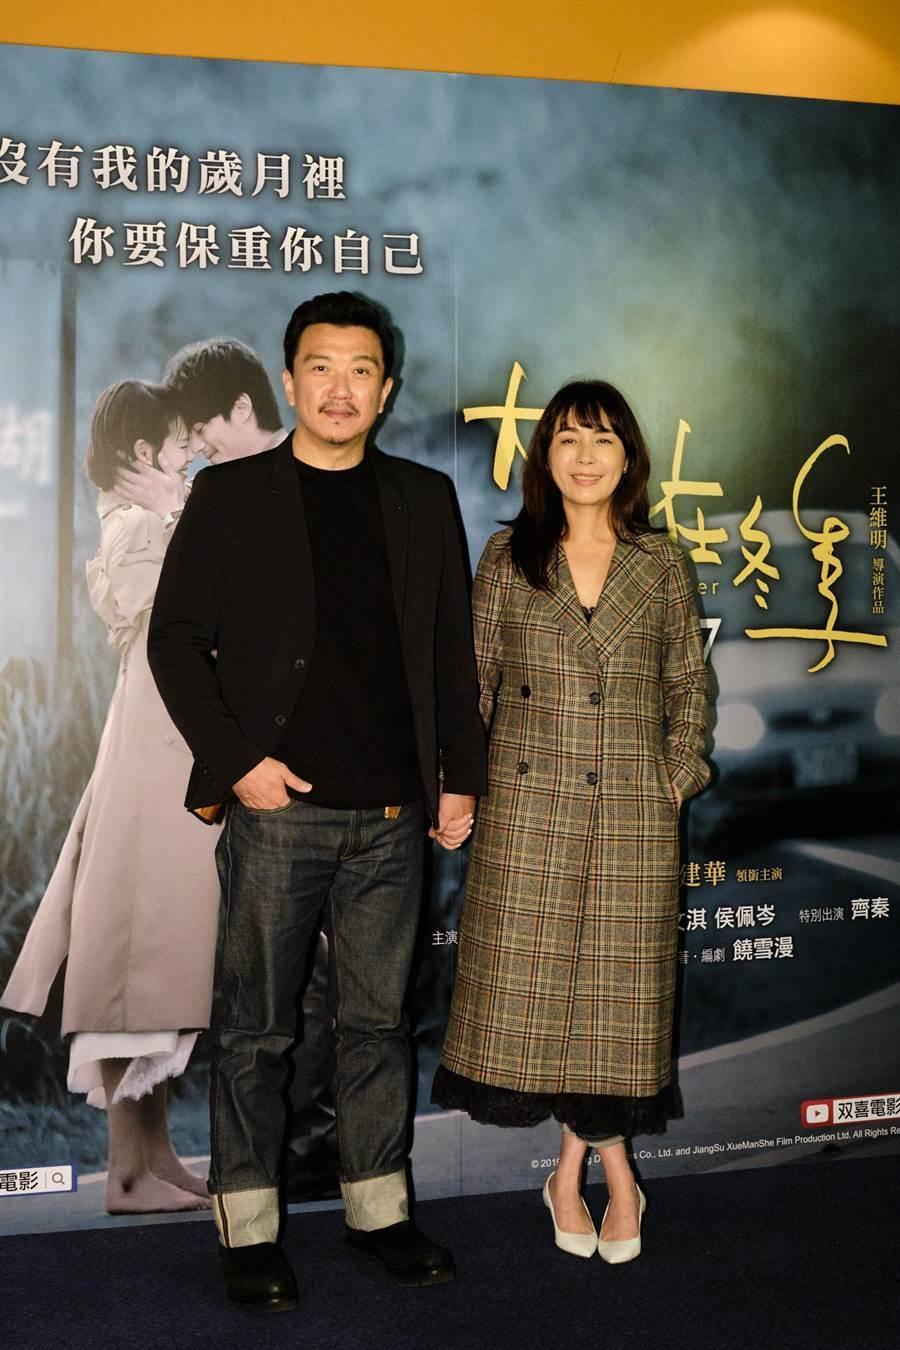 伊林娛樂副董事長陳婉若(右)包場力挺電影《大約在冬季》以及執導該片的老公王維明。(伊林娛樂供)